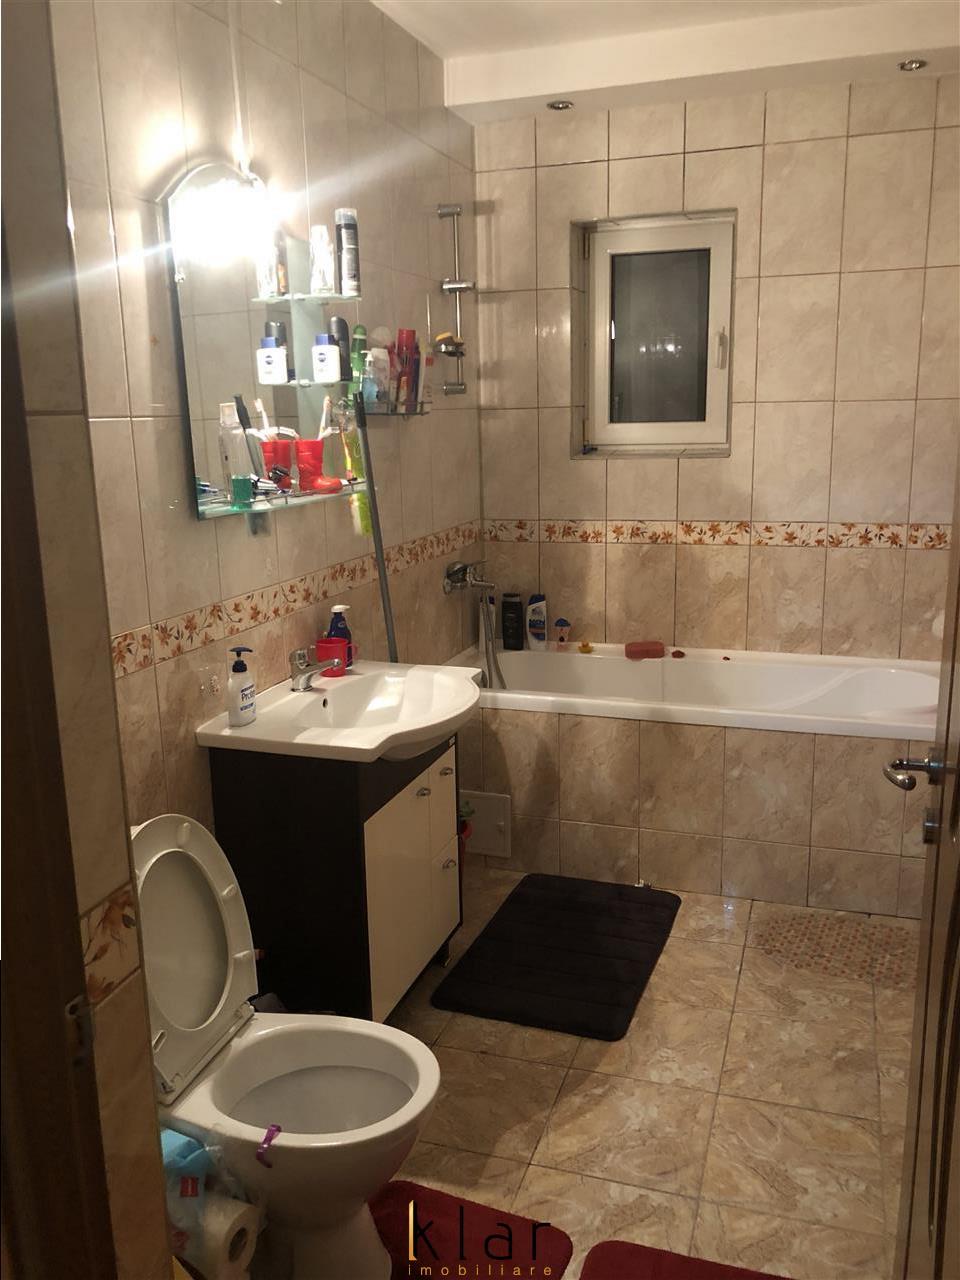 Apartament de inchiriat complet mobilat si utilat in centru FLORESTIULUI!